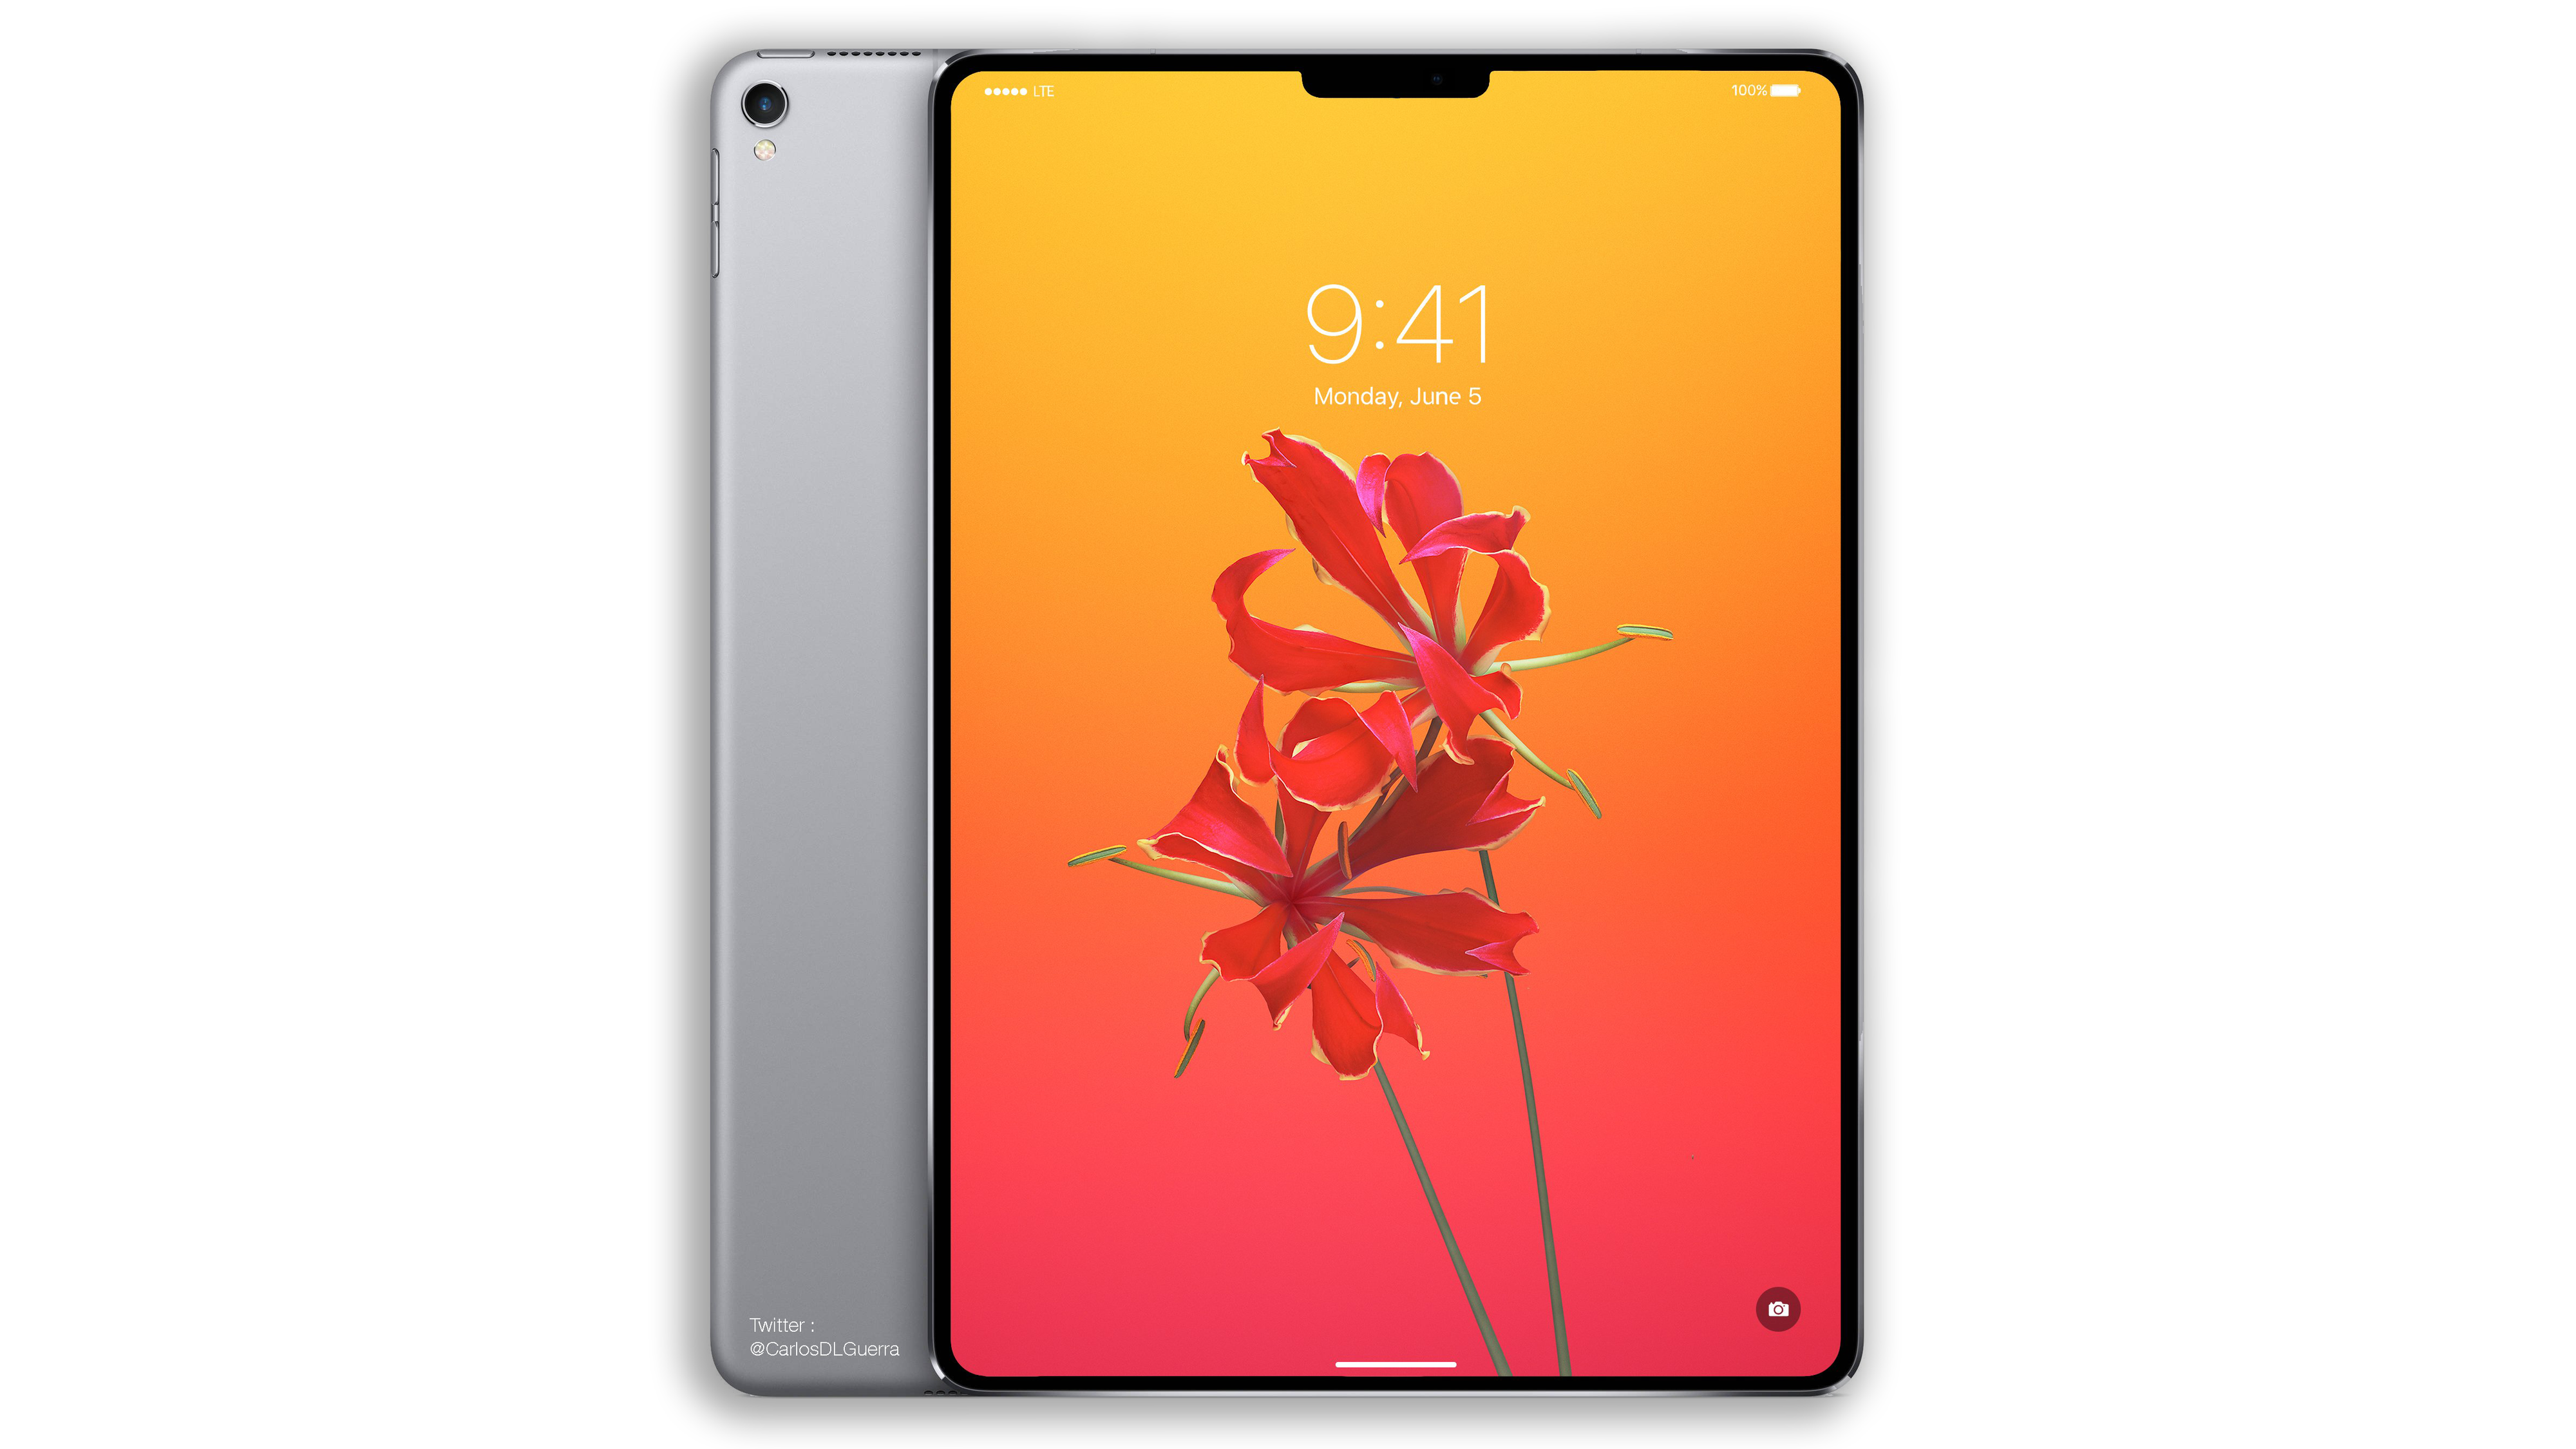 Slik har man sett for seg den nye iPad Pro-modellen så langt. Skjermhakket var med i illustrasjonen av iPhone X som dukket opp før lansering, så Apple har ikke for vane å skjule slike detaljer i grafikken sin.